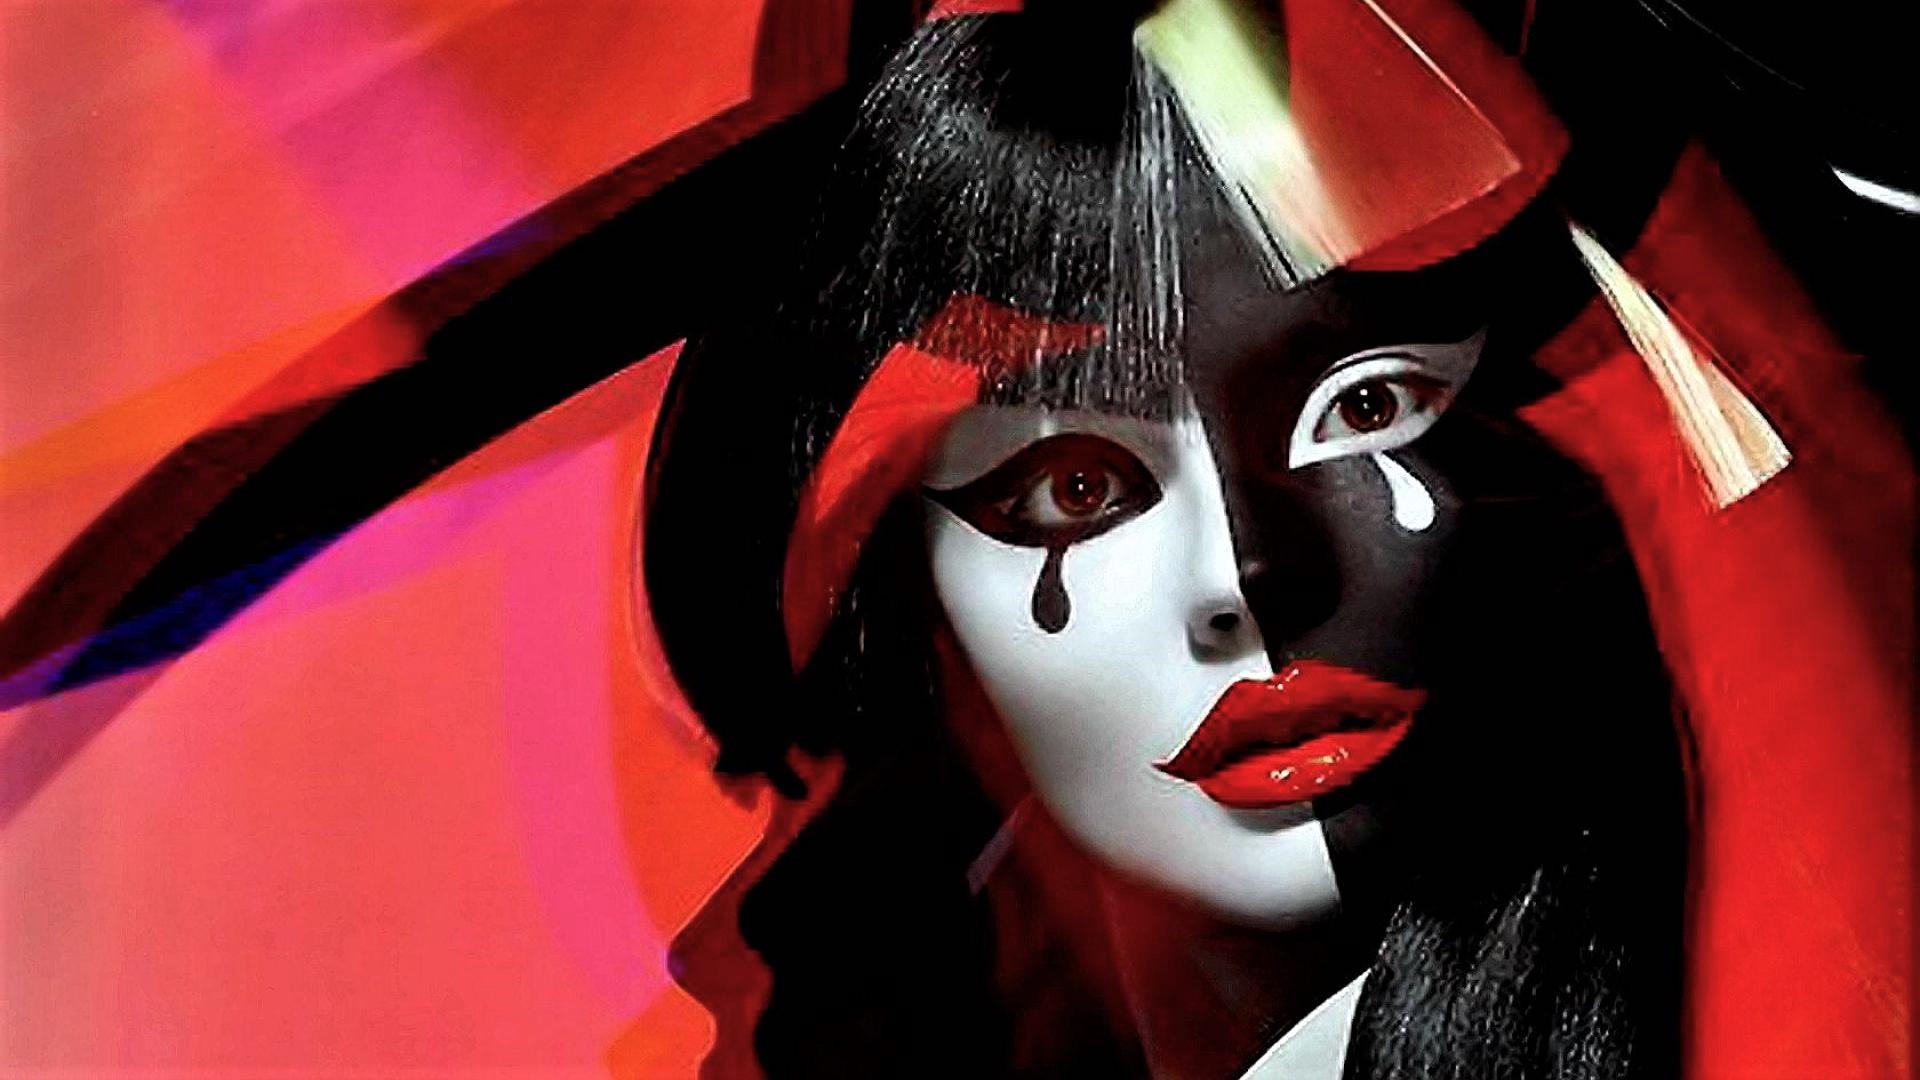 Girl clown hd wallpaper background image 1920x1080 - Circus joker wallpaper ...